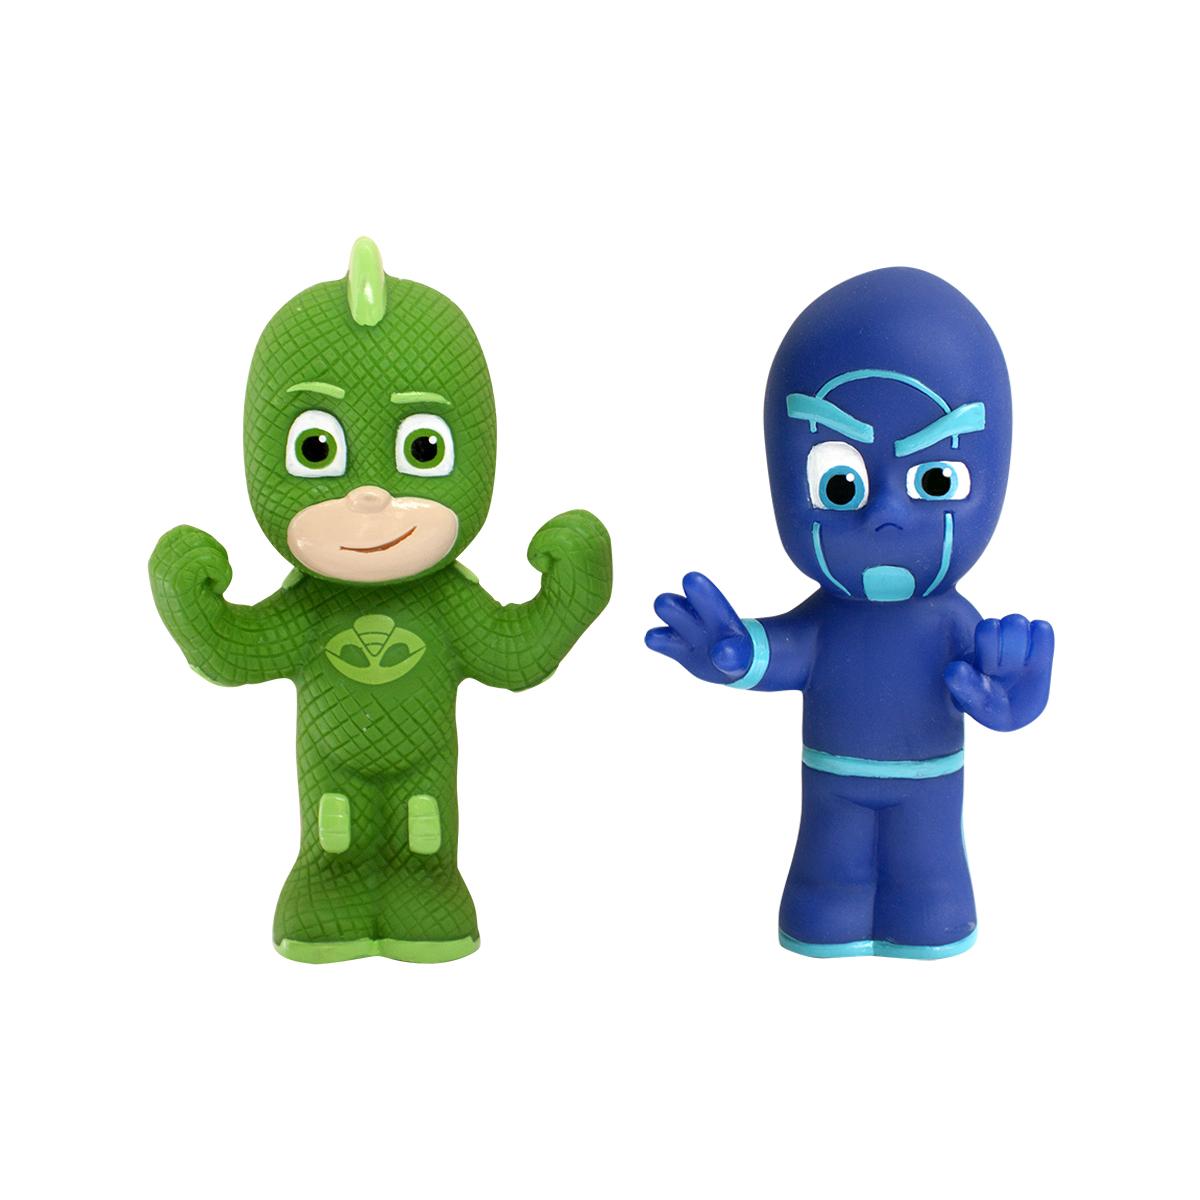 Игрушки для ванны PJ Masks Игровой набор Гекко и Ночной ниндзя игровые фигурки герои в масках pj masks игровой набор гекко и ниндзя 2 фигурки по 8 см